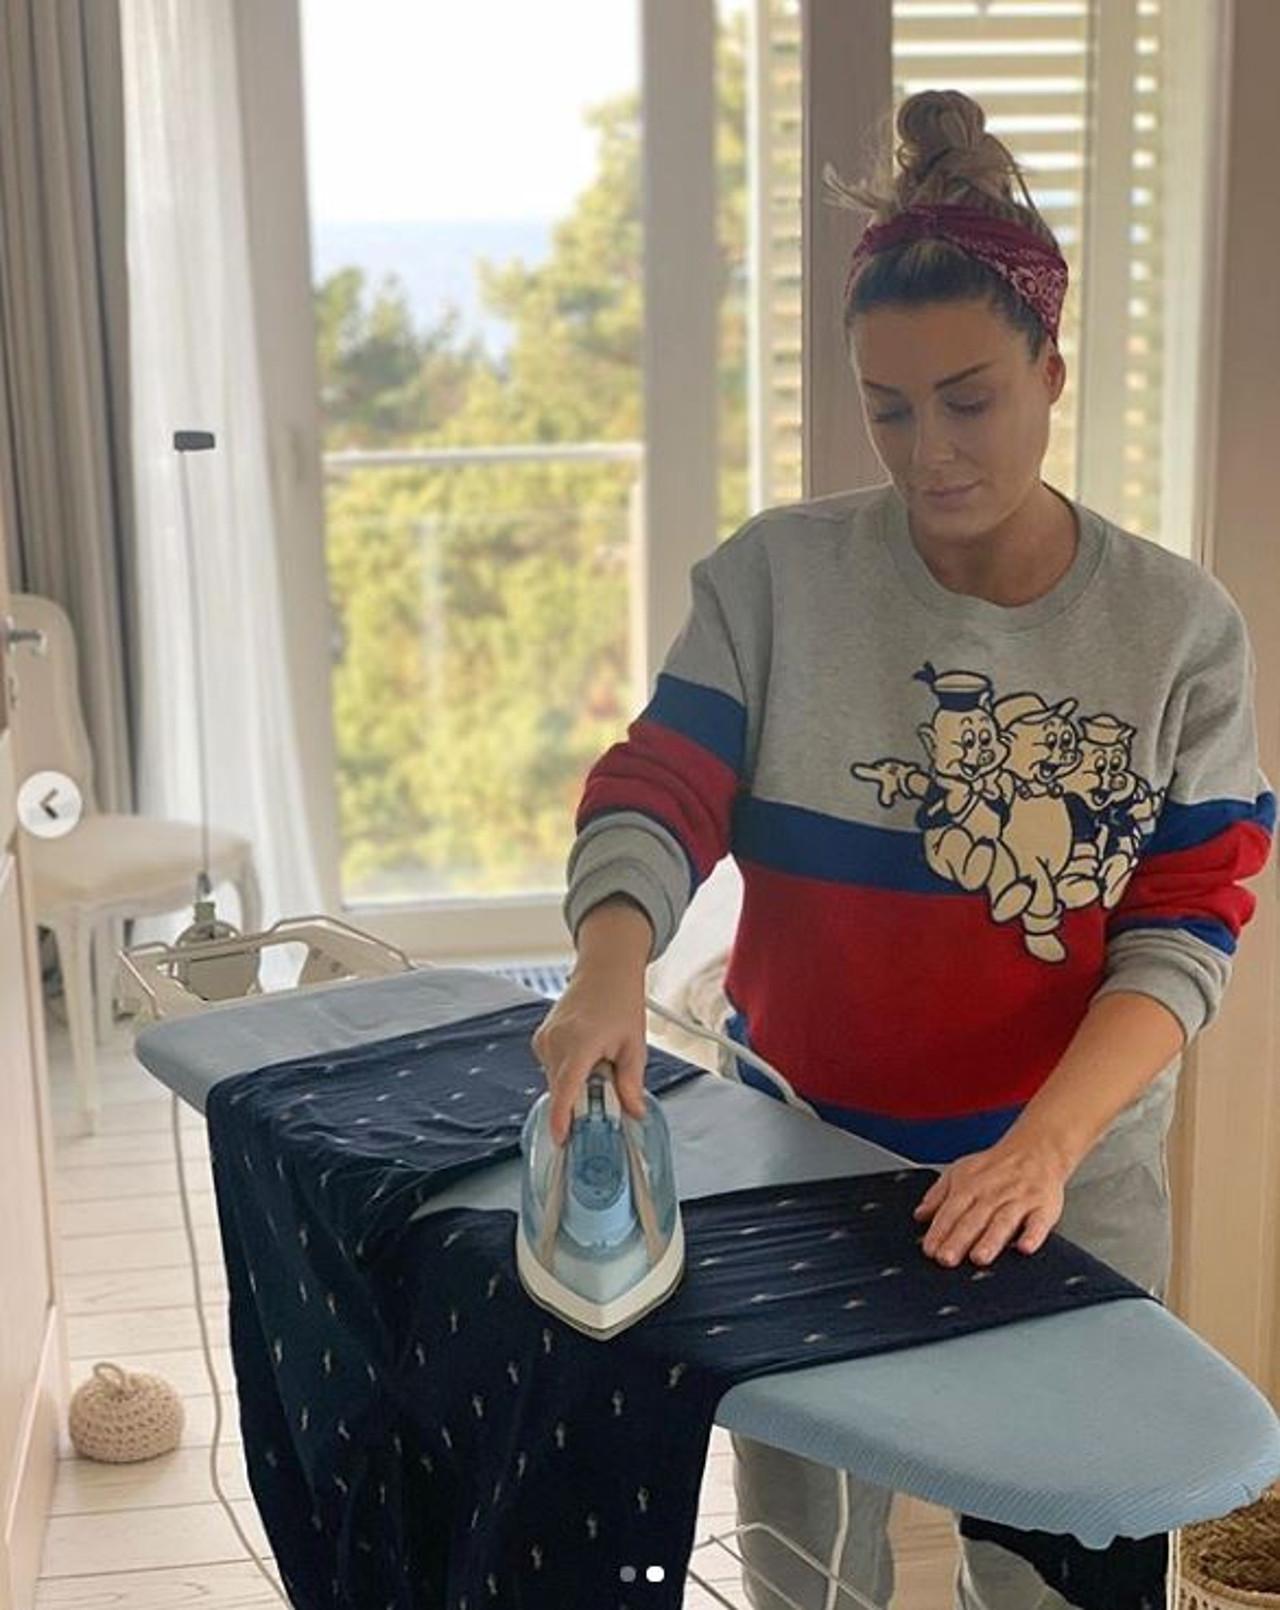 Małgorzata Rozenek podczas kwarantanny prasuje ubrania.